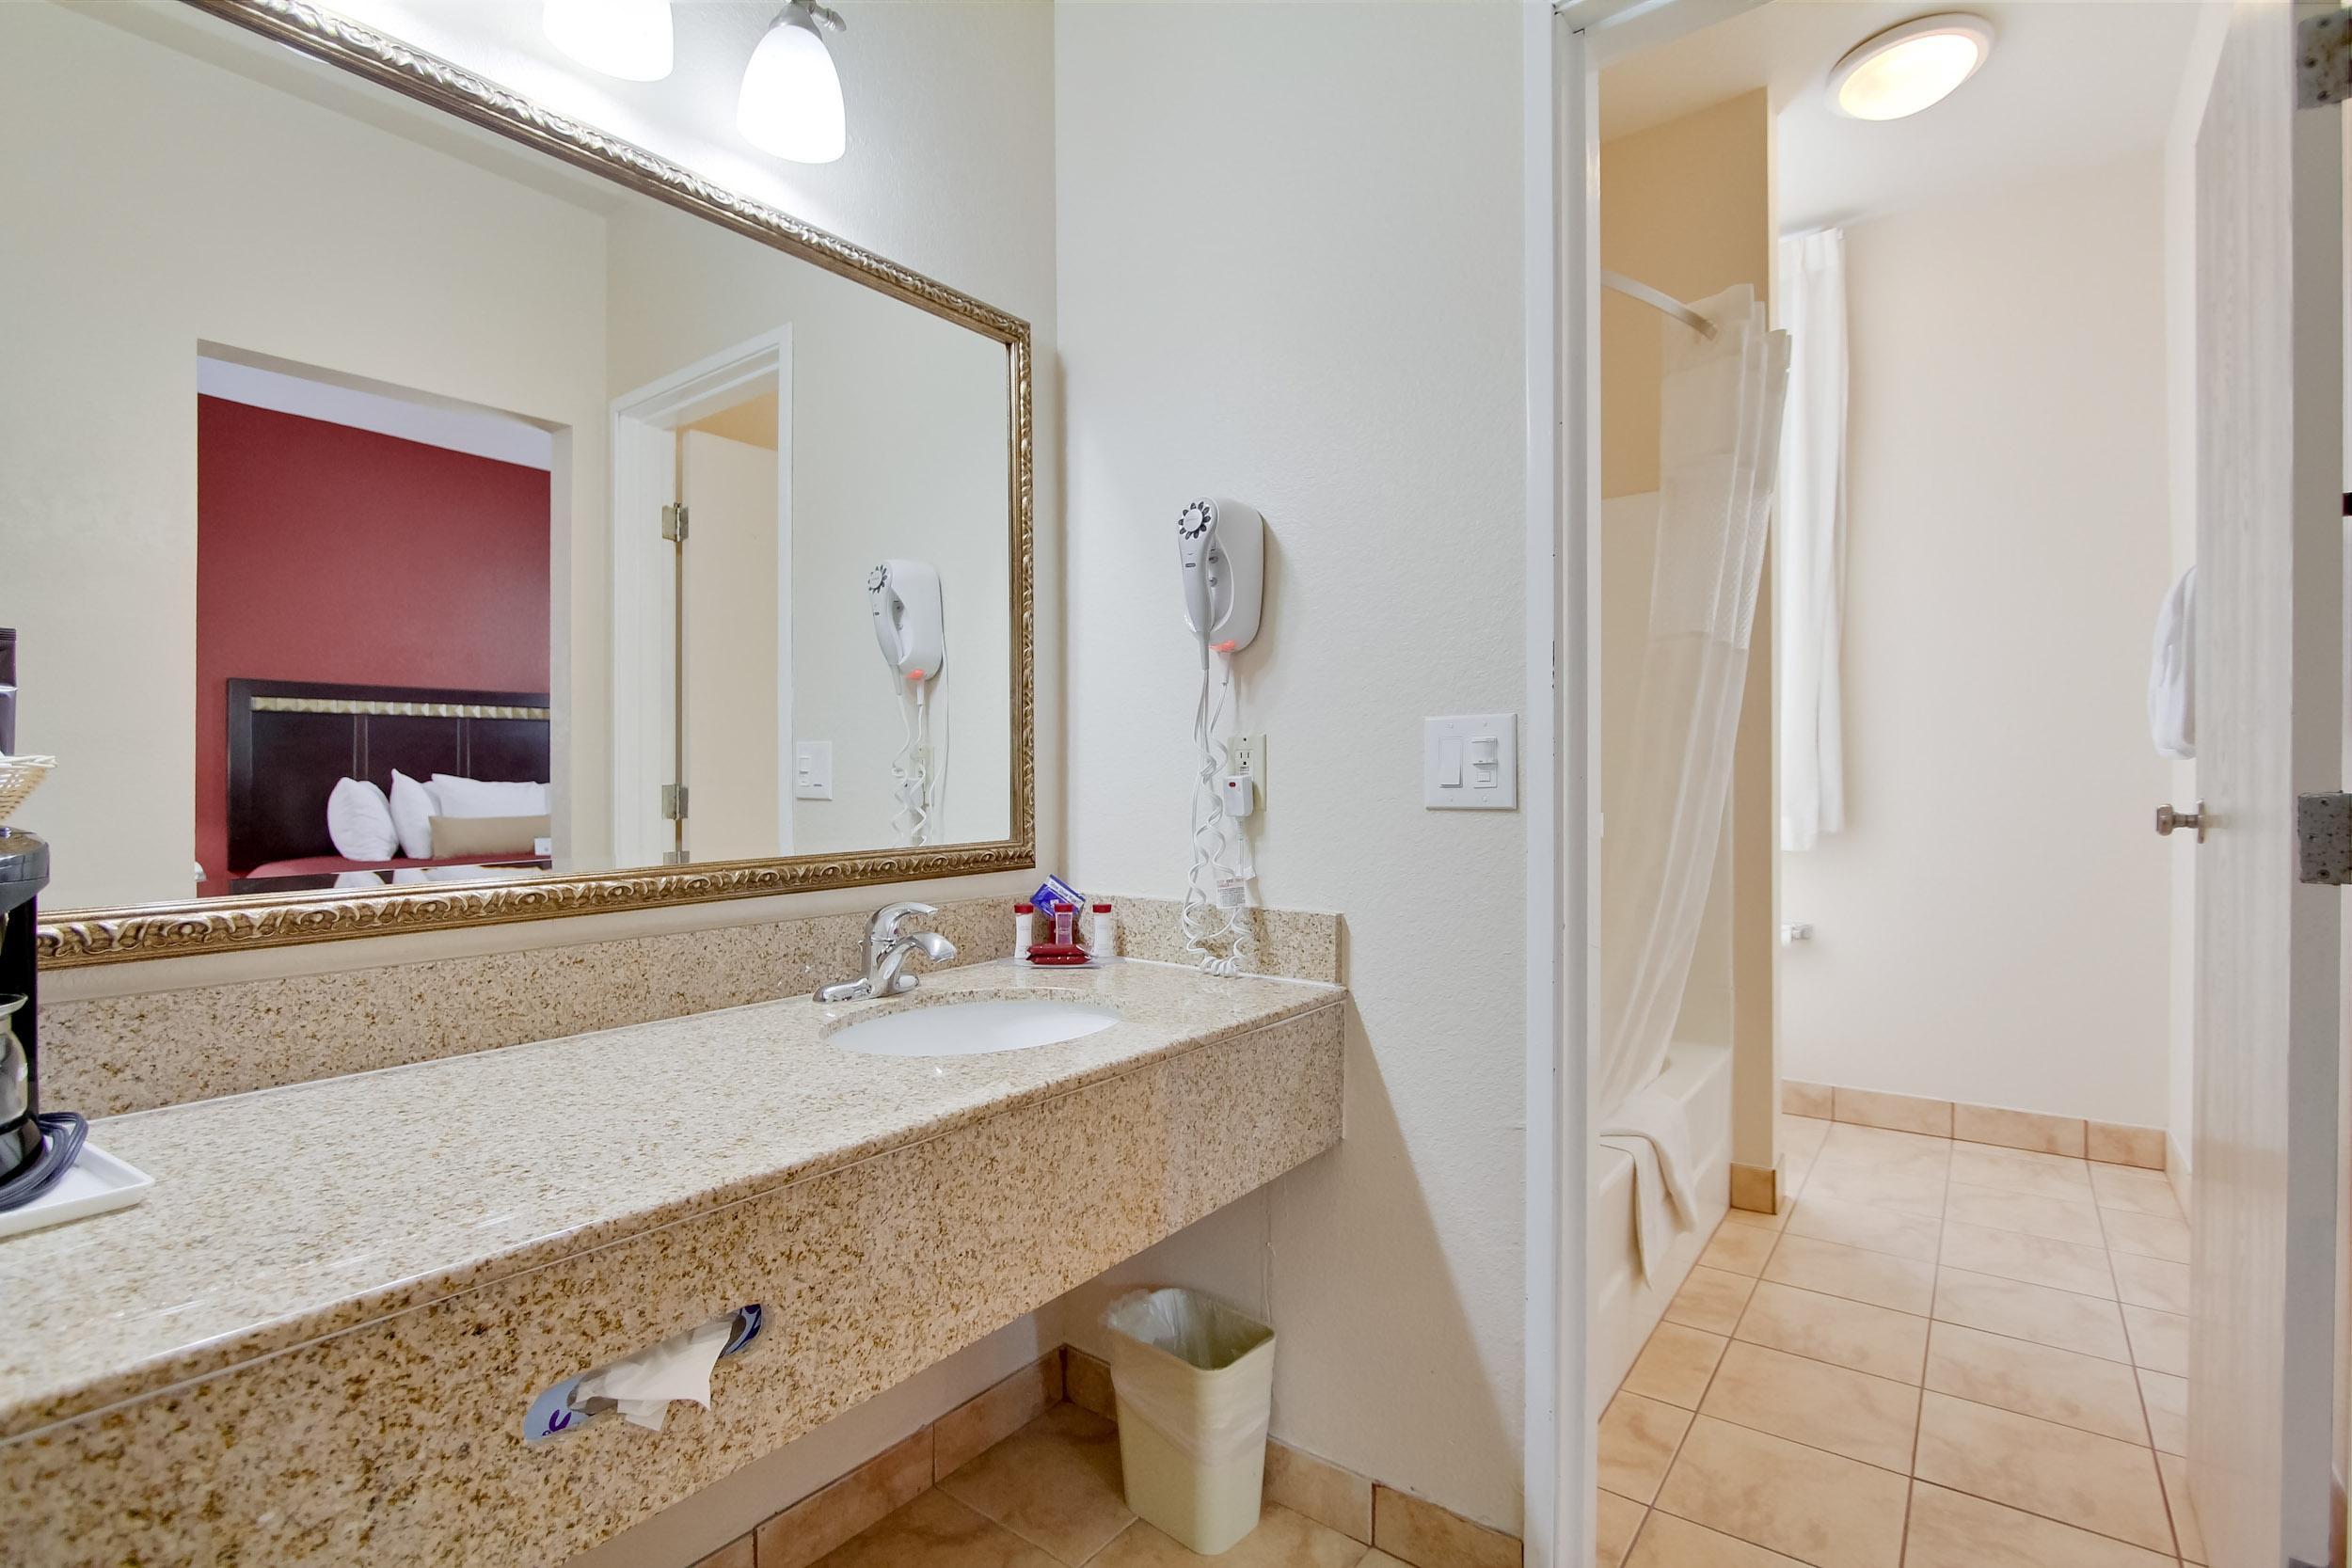 Ramada San Diego Airport - Granite Vanity in Full Bathroom